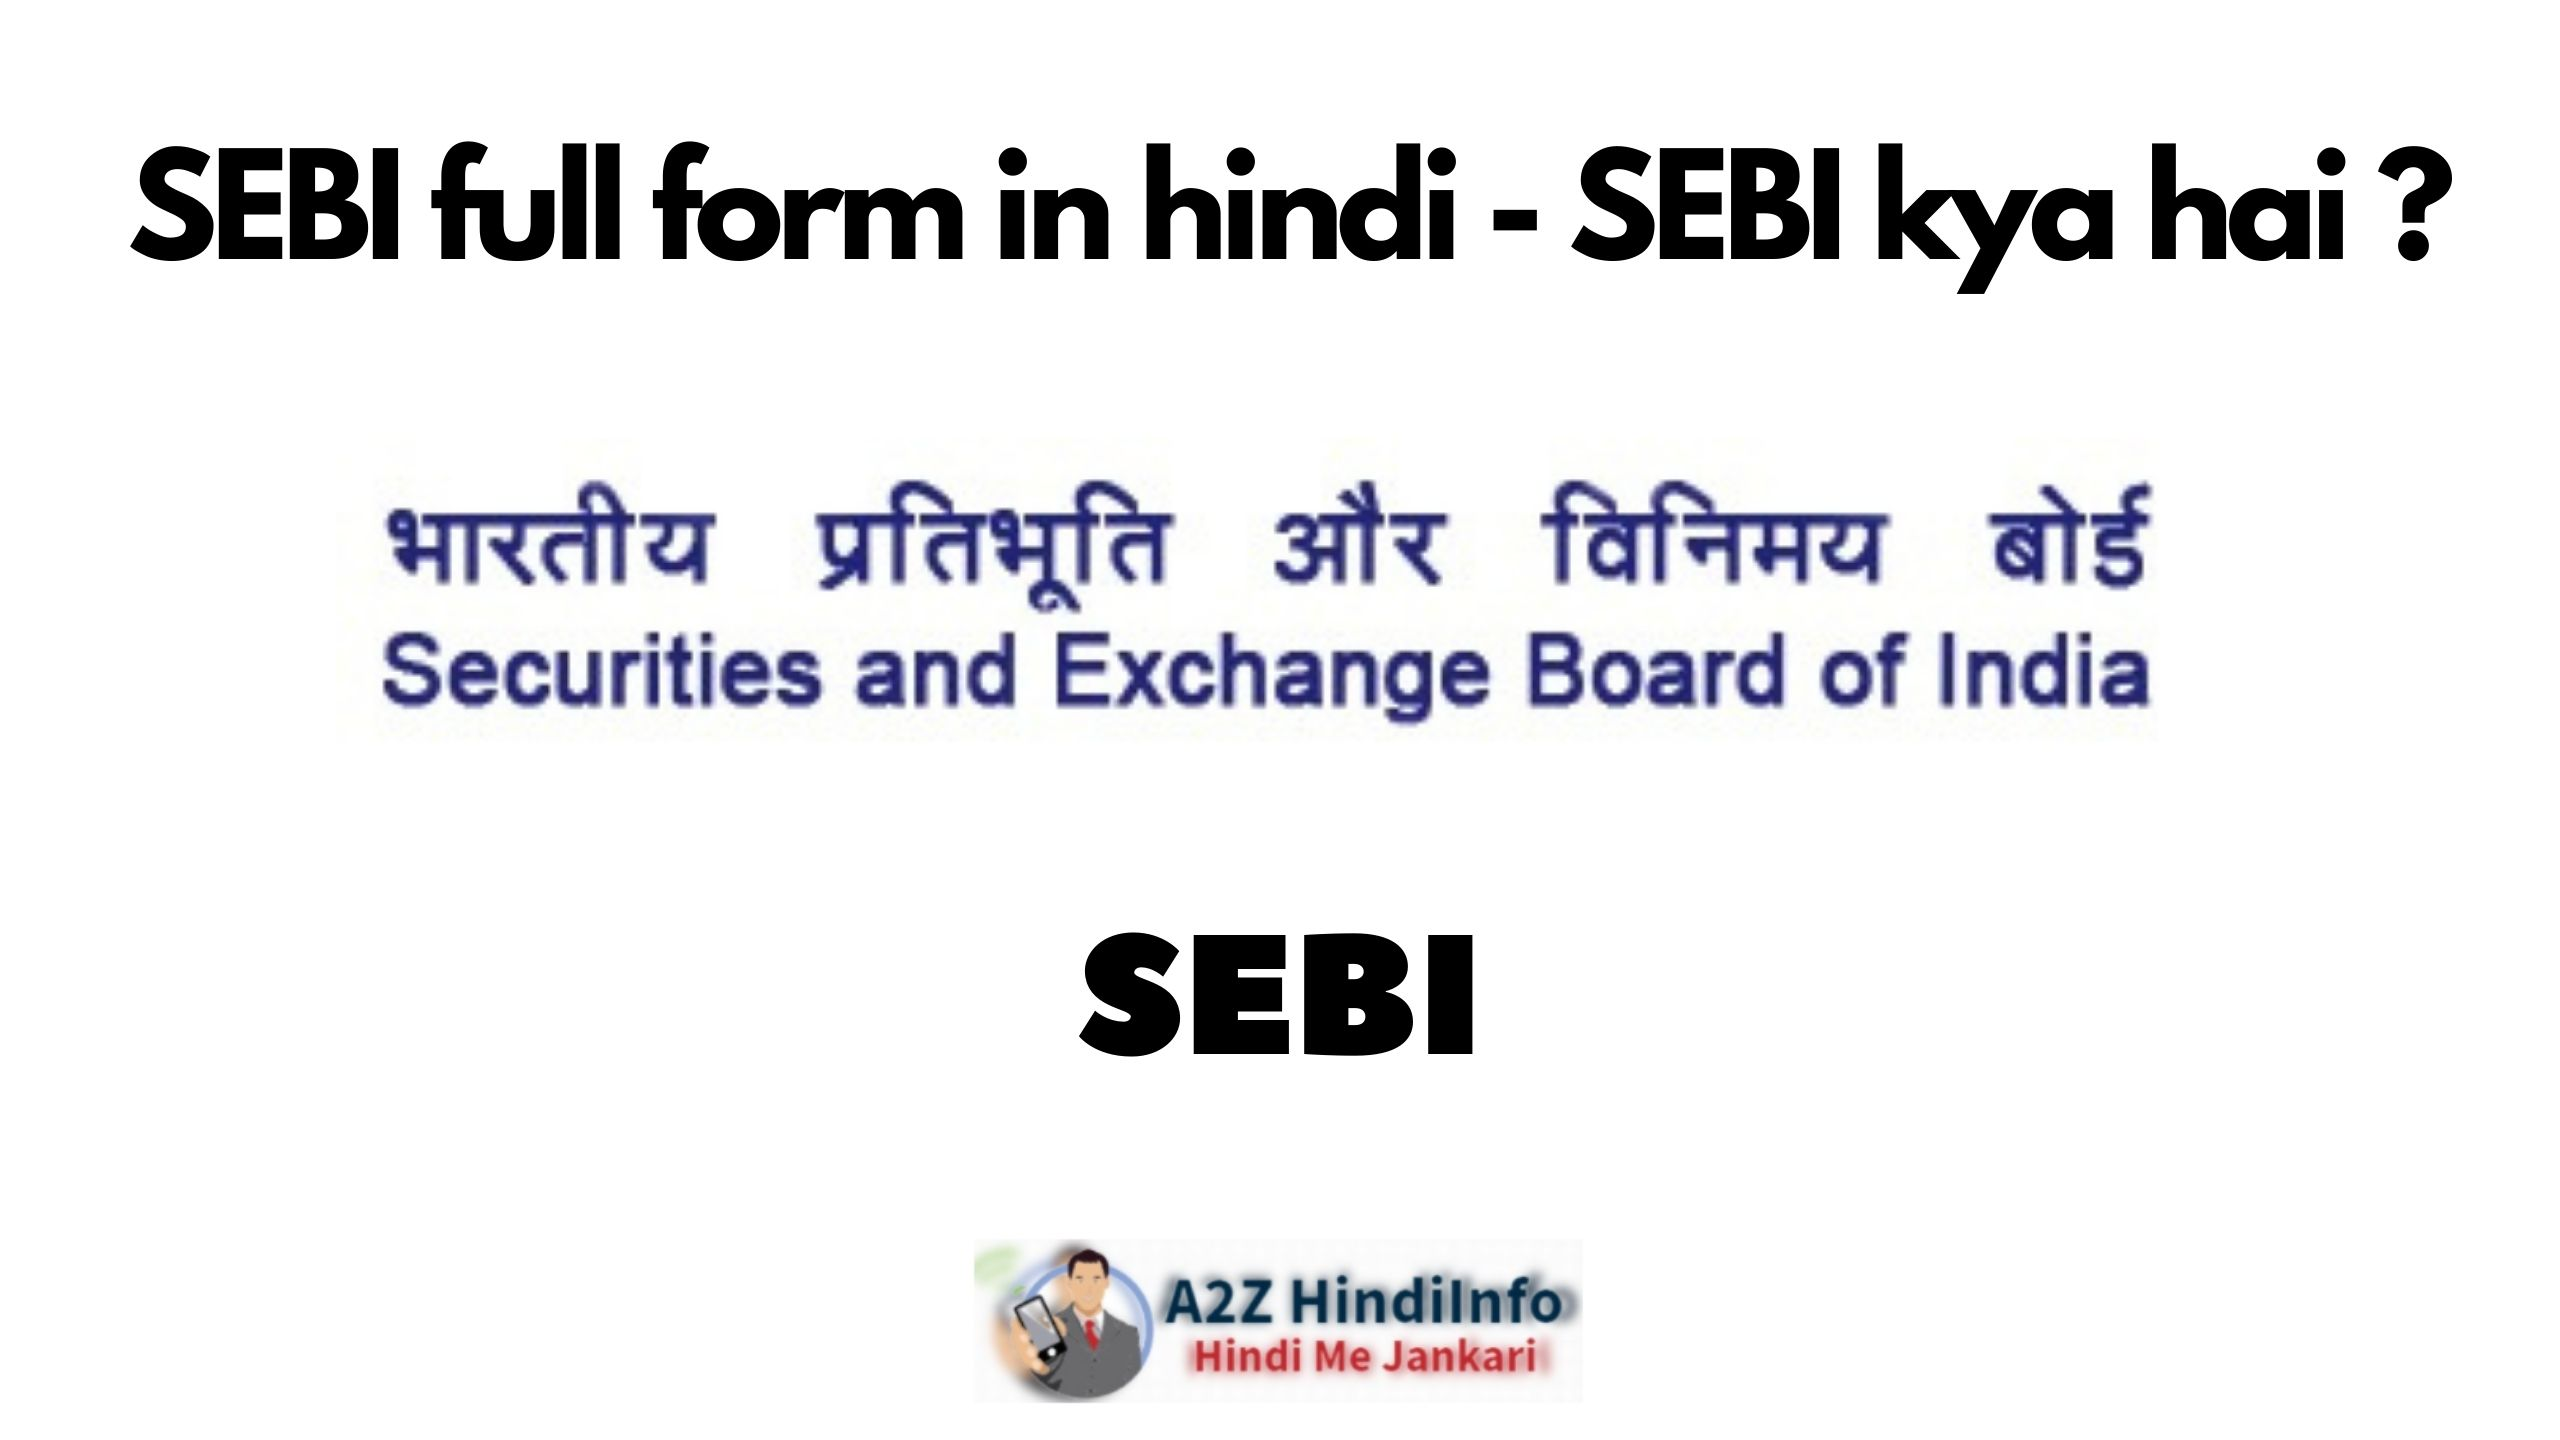 sebi full form hindi sebi kya hai